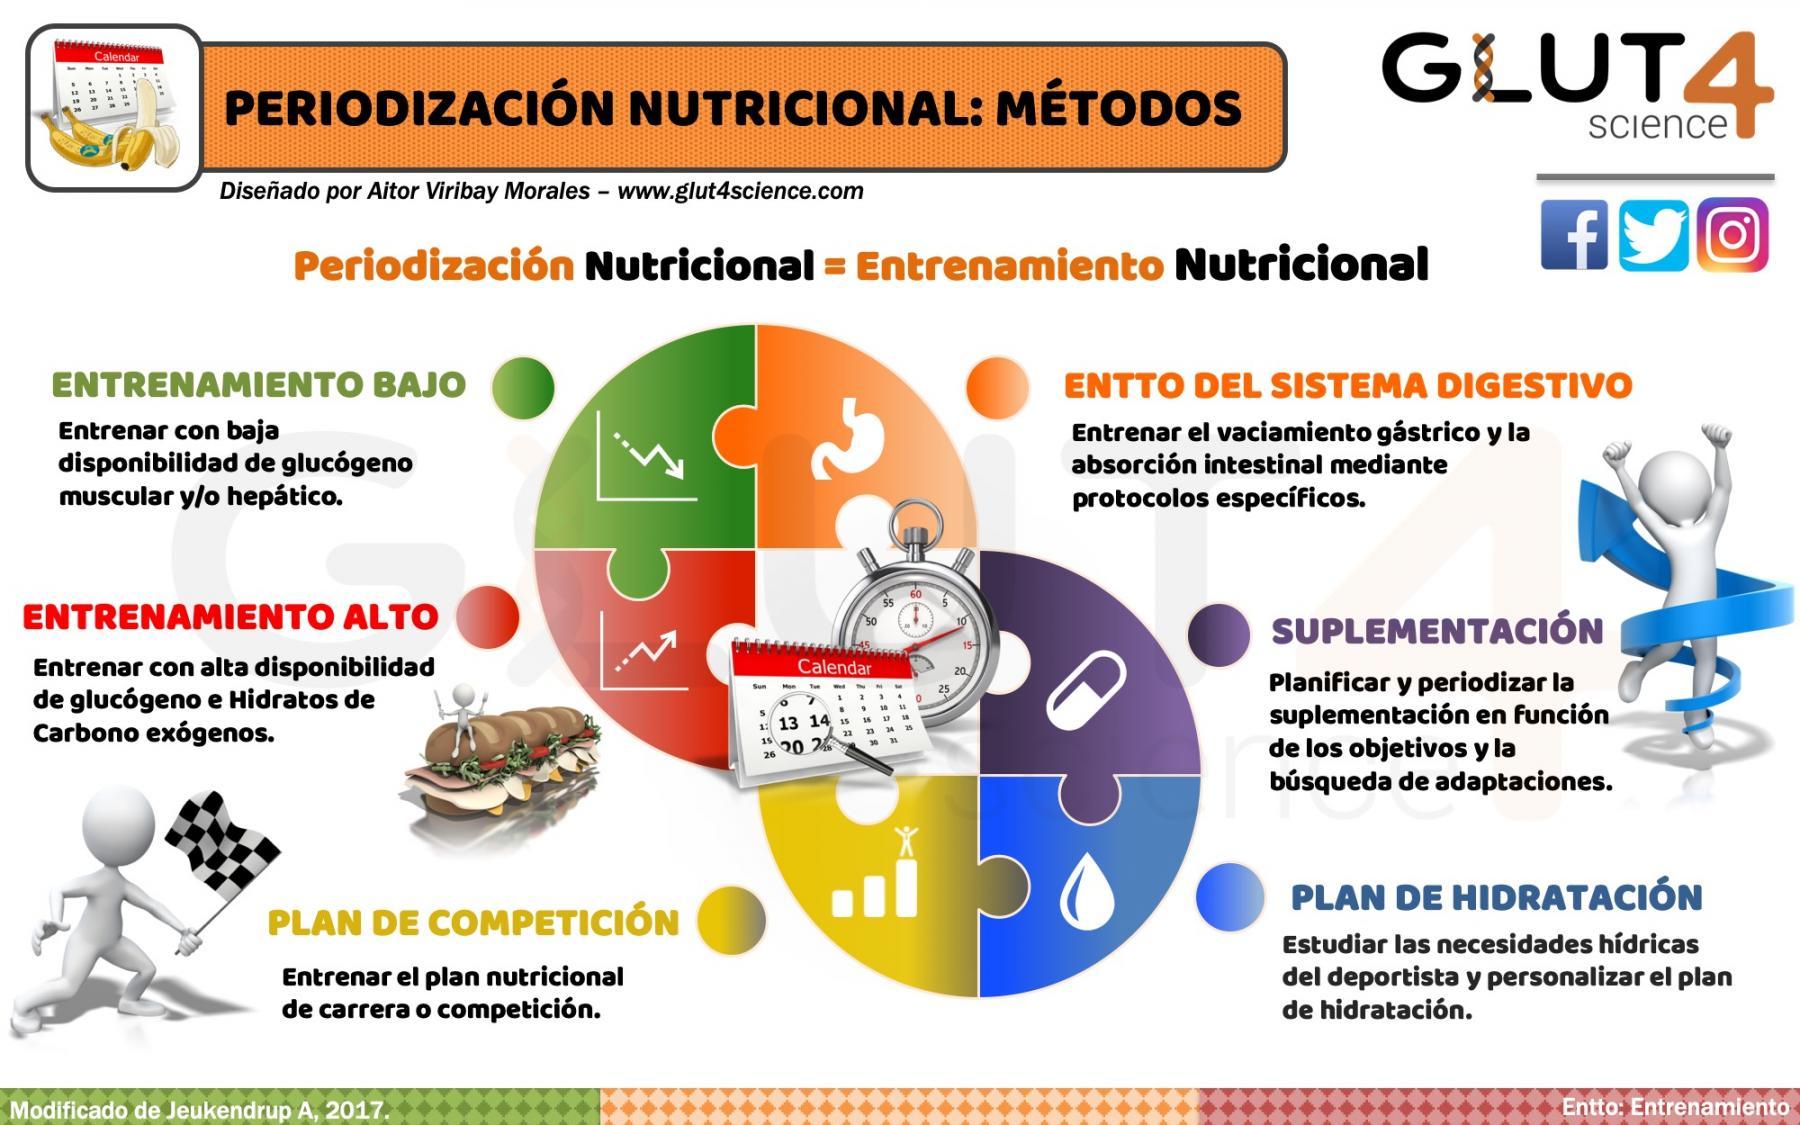 Métodos de Periodización Nutricional en el Deporte